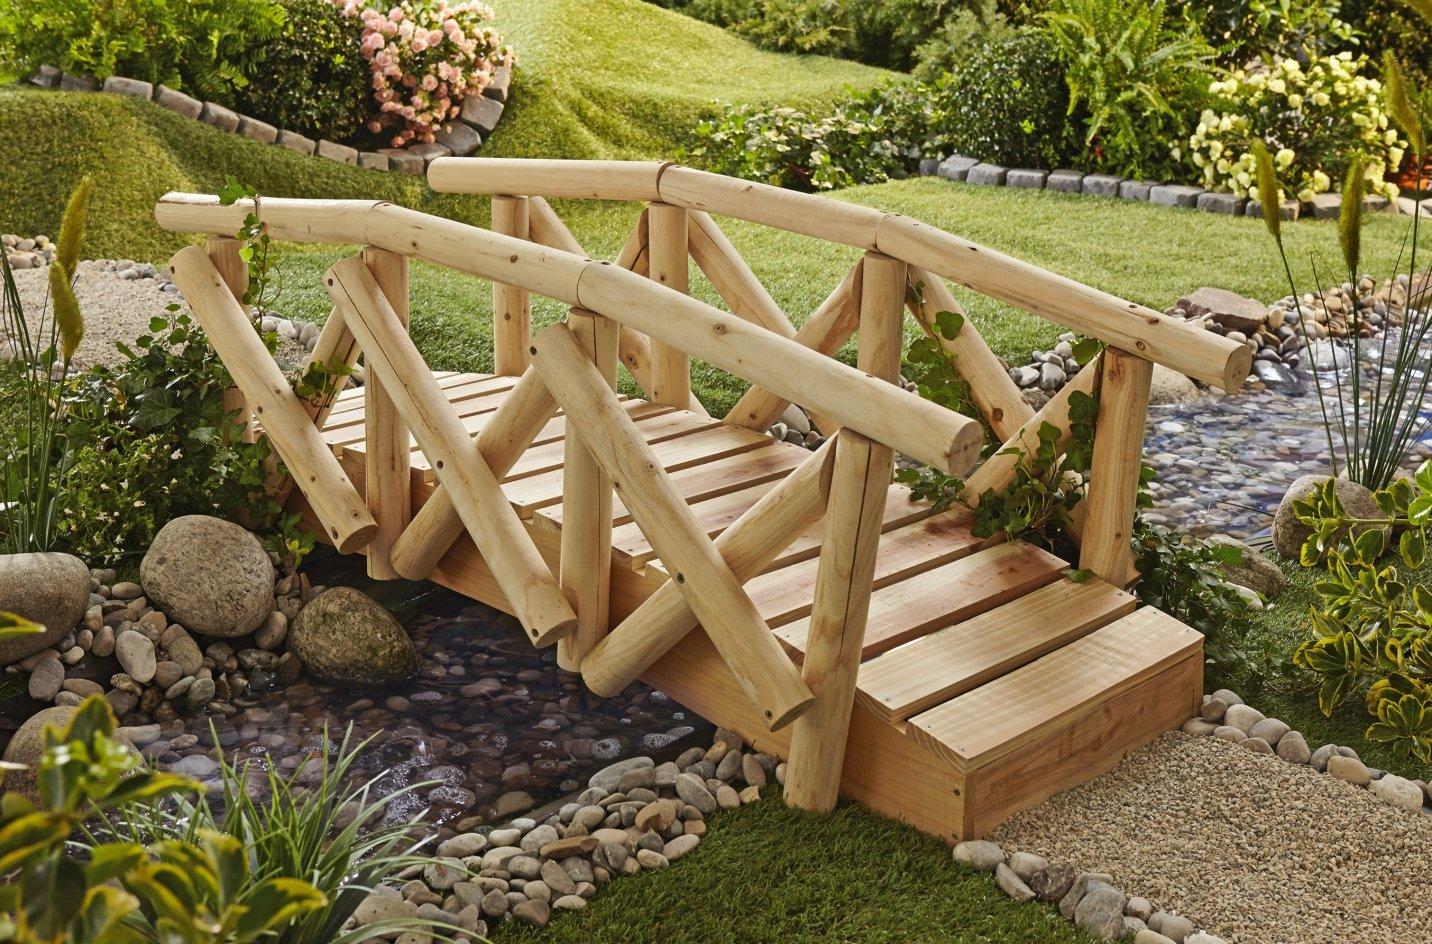 Gartenbrücke mit Geländer Gartensteg Steg Brücke Holz Garten Deko Teichübergang